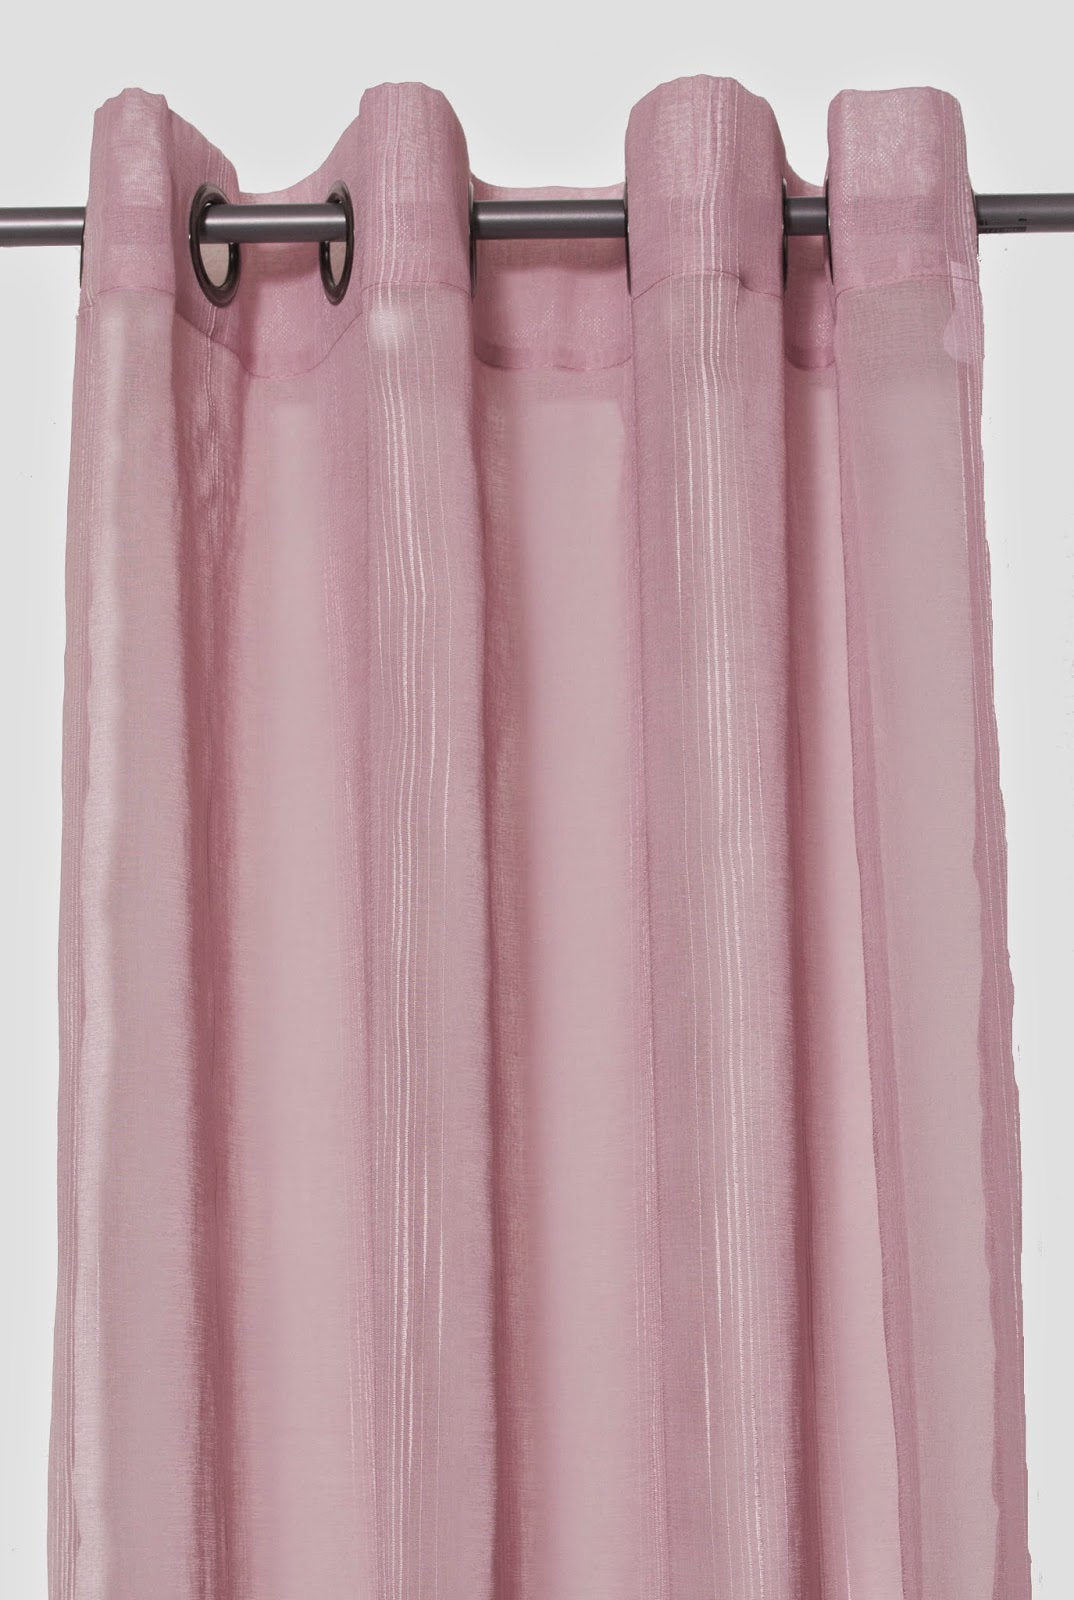 Rosa gardiner i Gardin handla till basta pris med Prisvisse